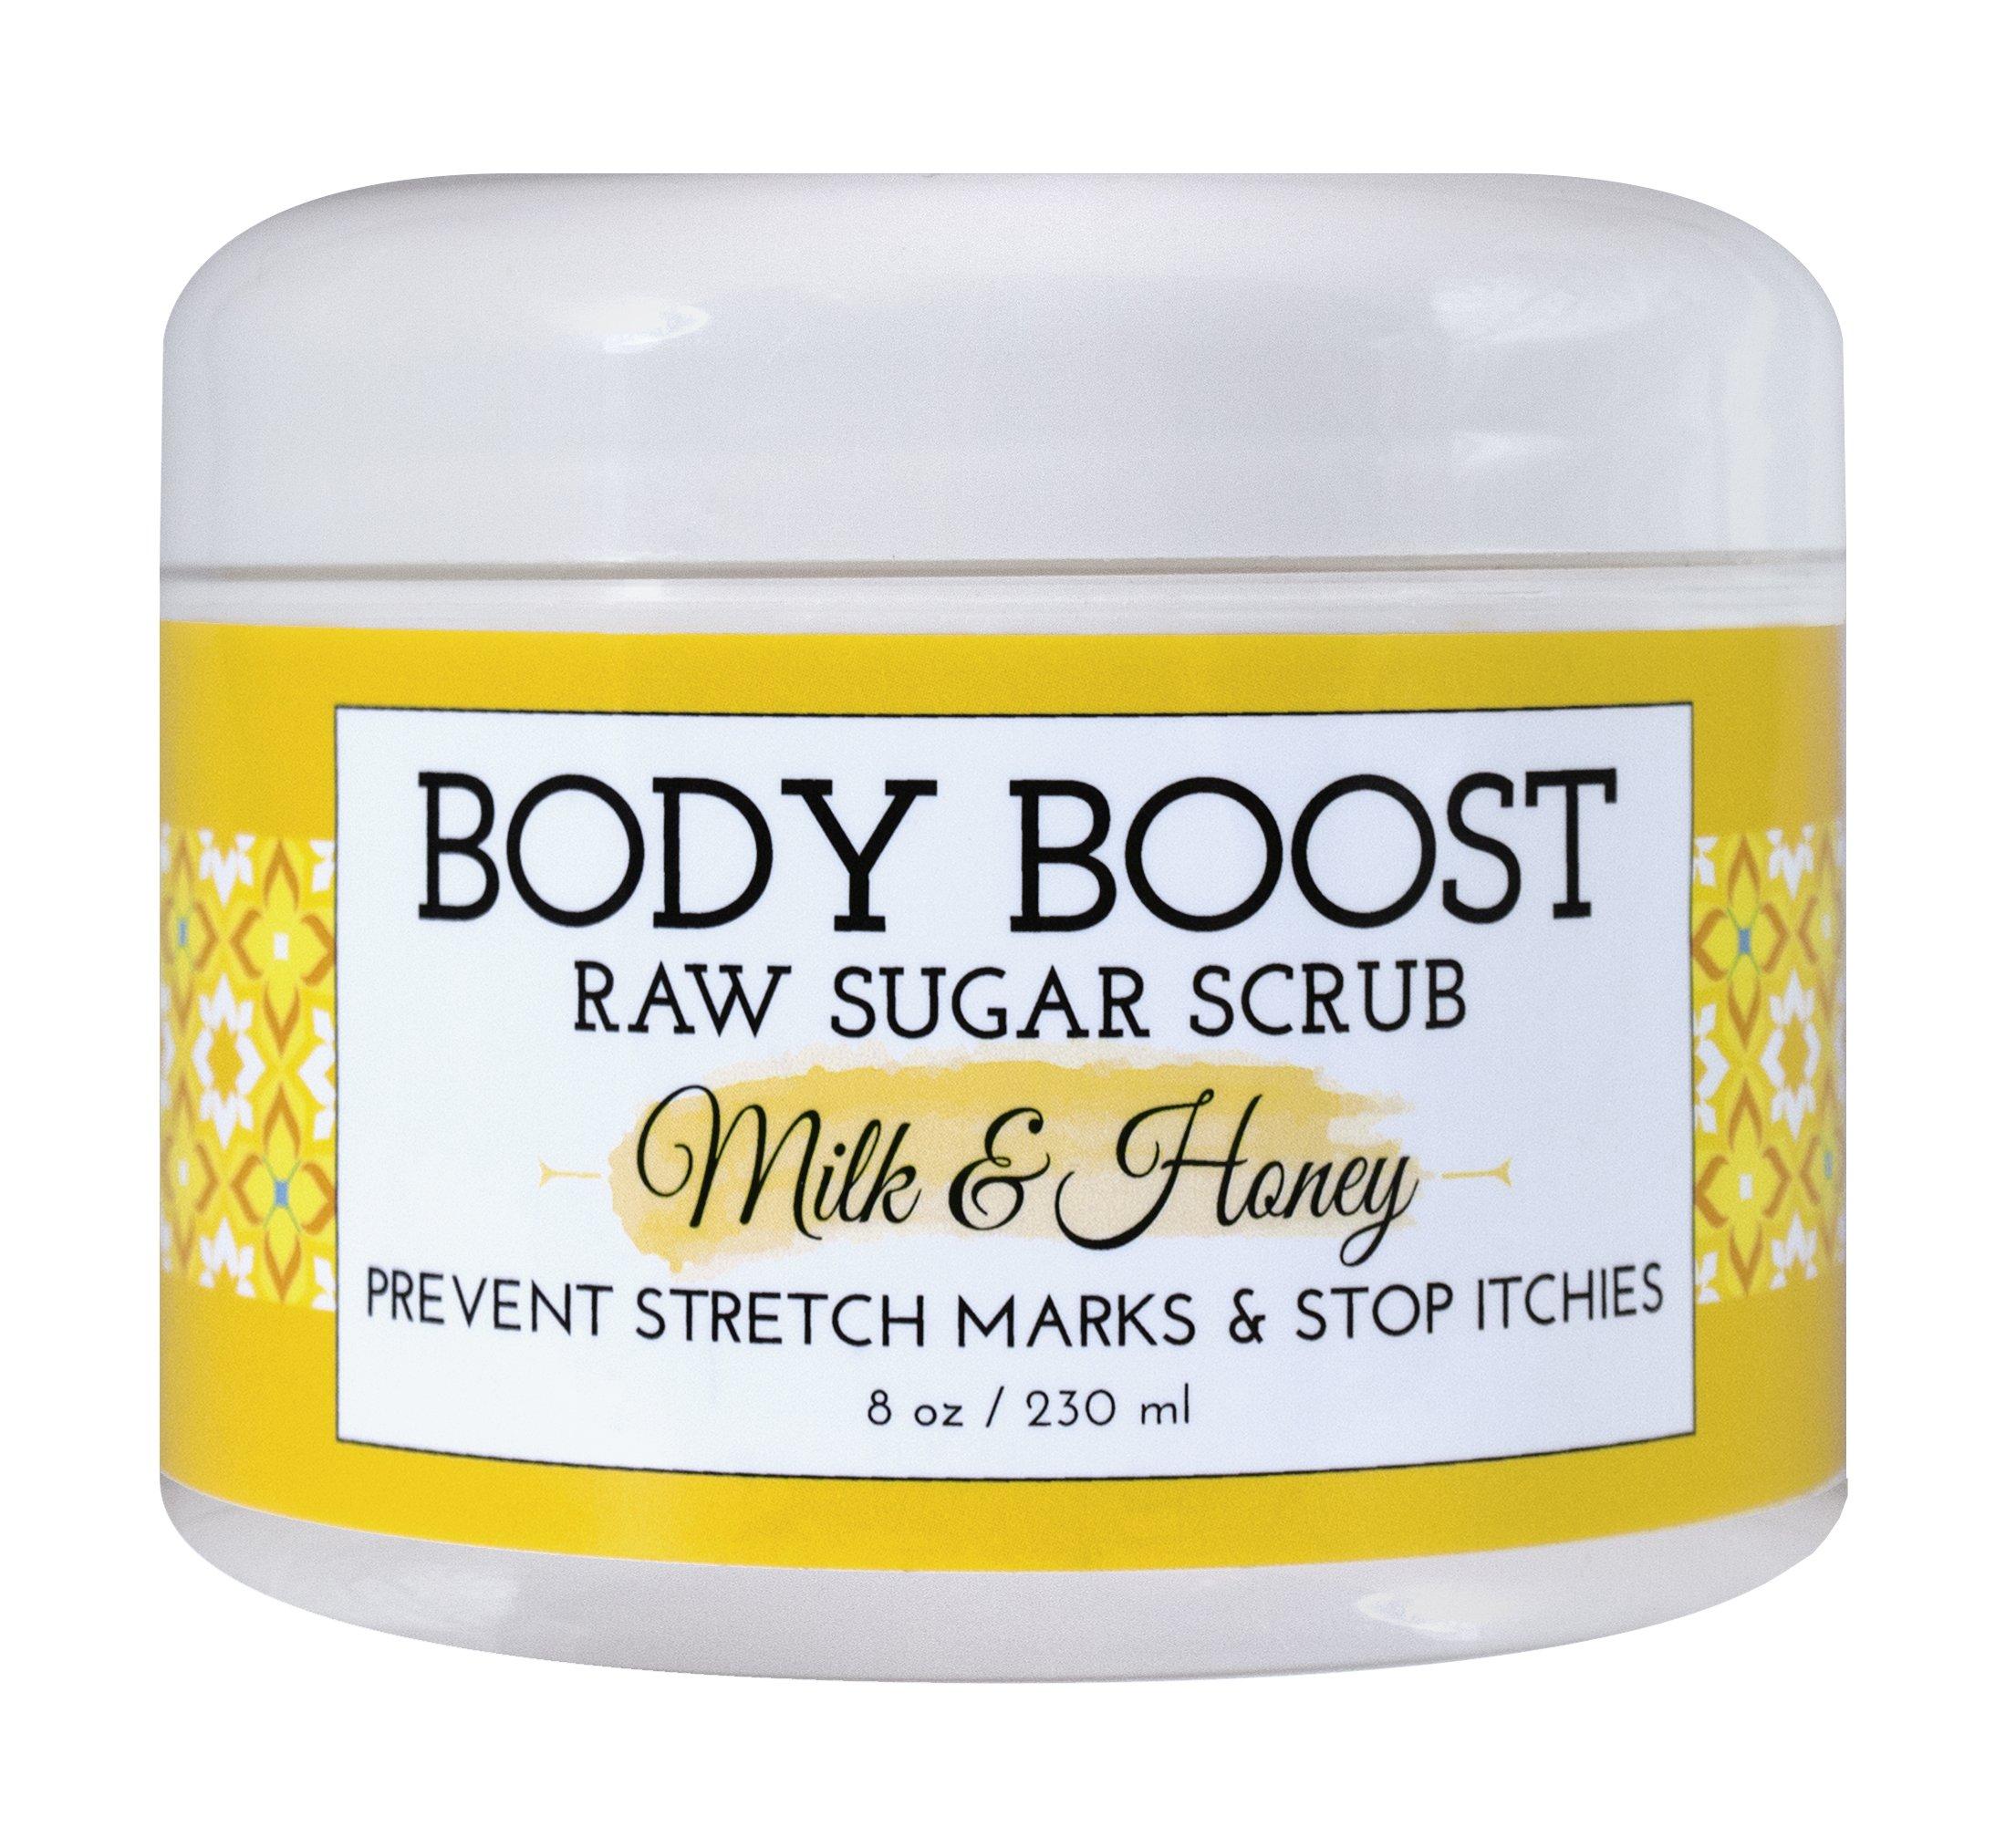 Body Boost Milk & Honey Sugar Scrub 8 oz- Pregnancy & Nursing Safe Skin Care by Body Boost